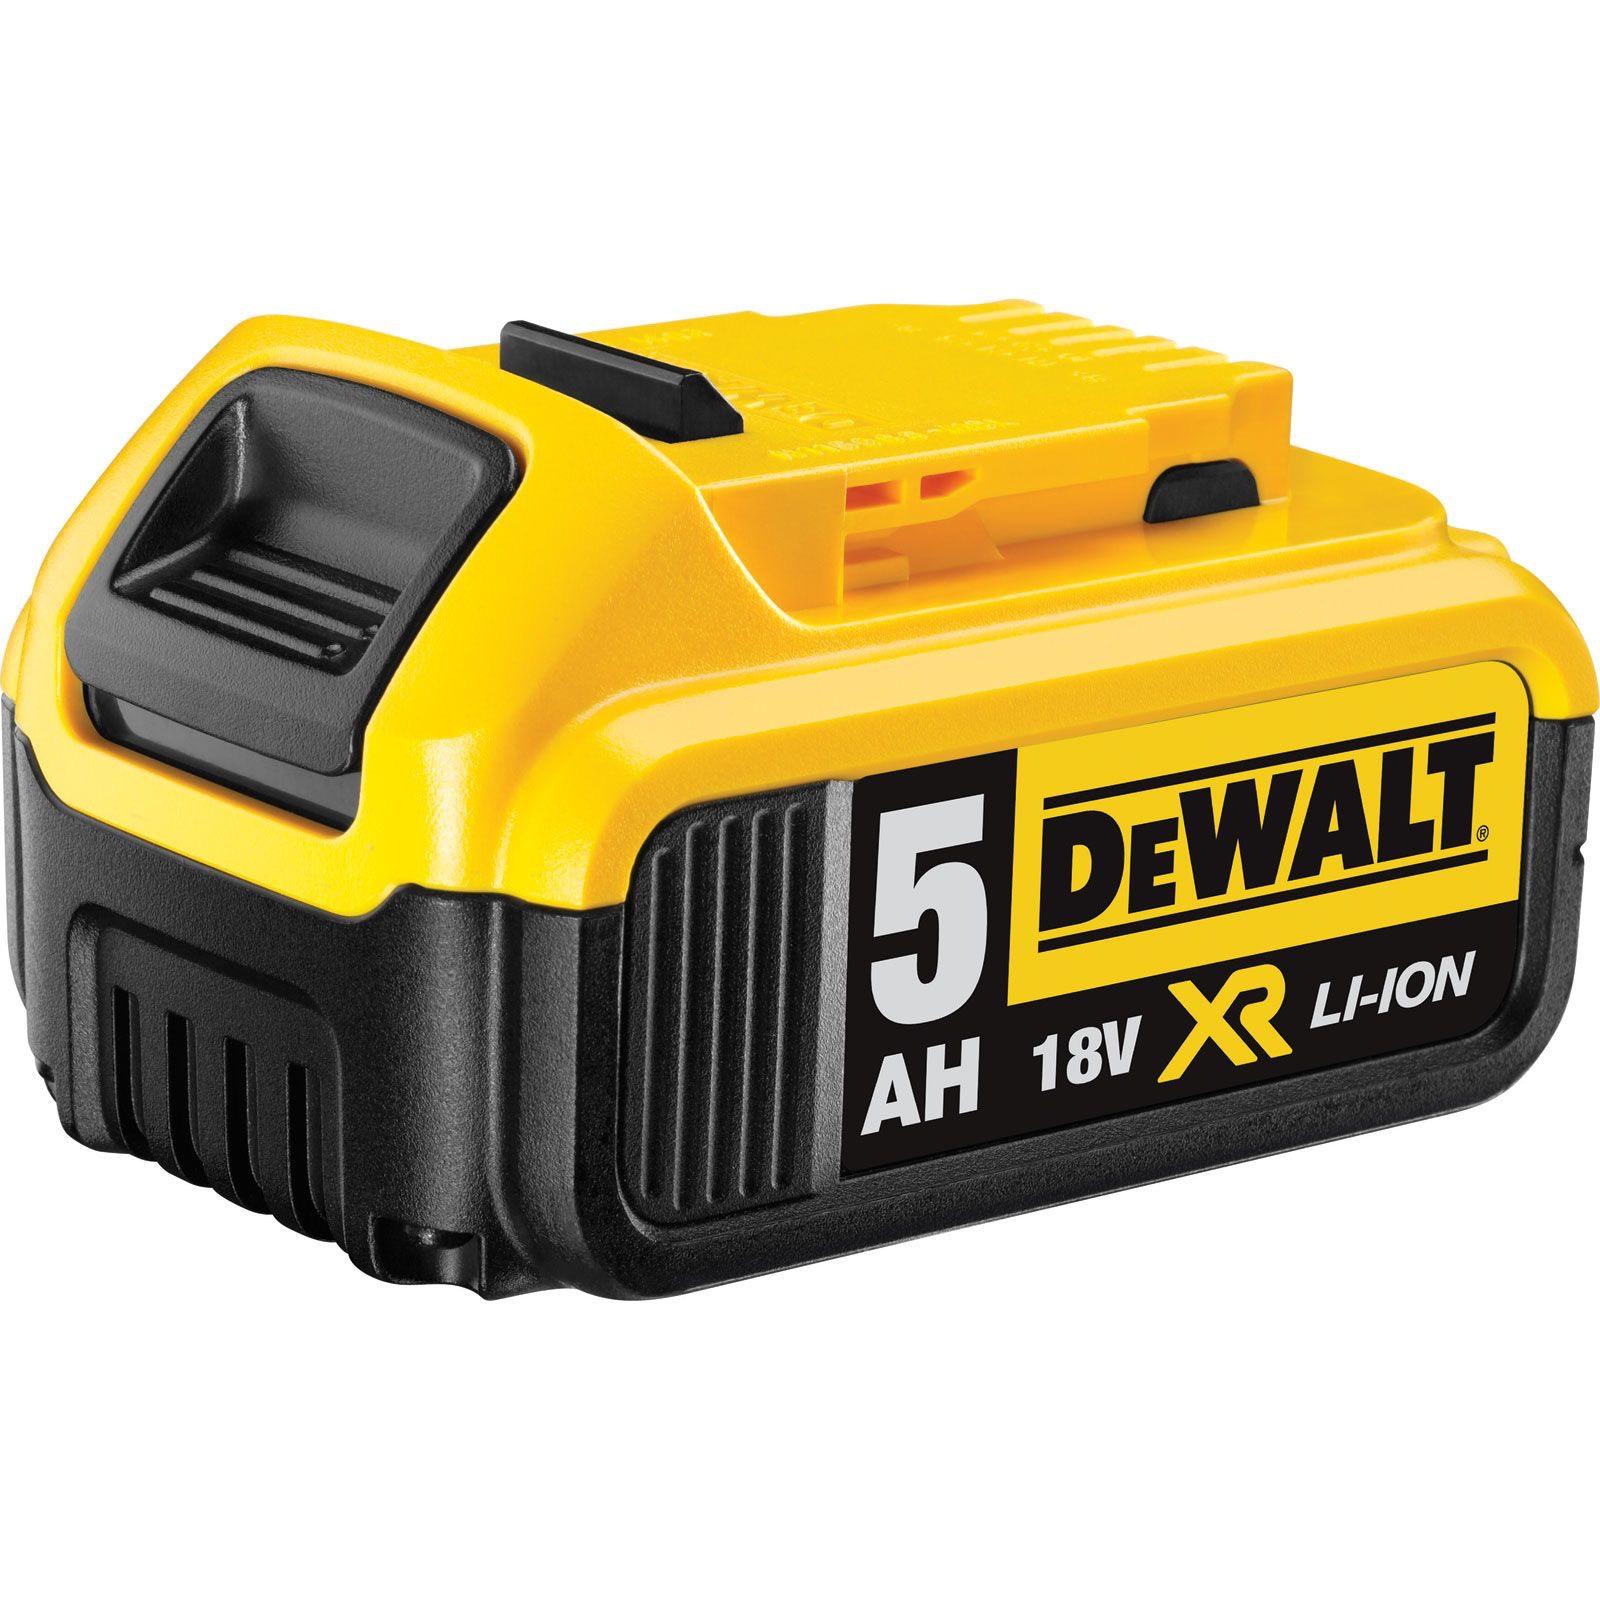 Batterie DeWalt DCB184 XR Li-Ion - 5.0Ah, 18V